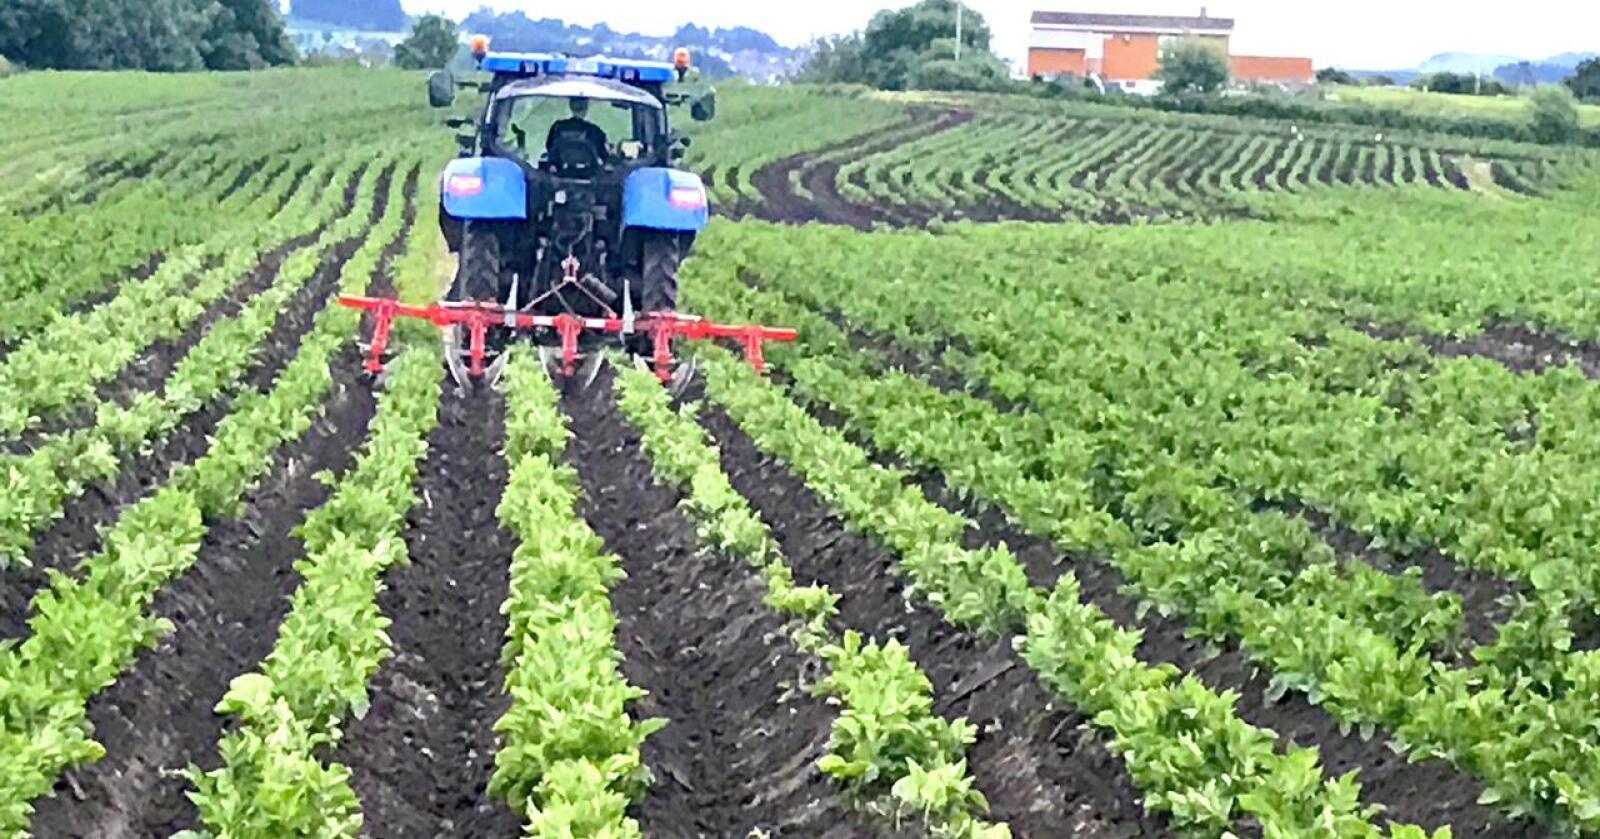 Prisen deles ut annethvert år. Randaberg kommune fikk prisen i 2019 på bakgrunn av sine tydelige mål om å ta vare på jordbruksareal i sin kommuneplan. (Foto: Bethi Dirdal Jåtun)